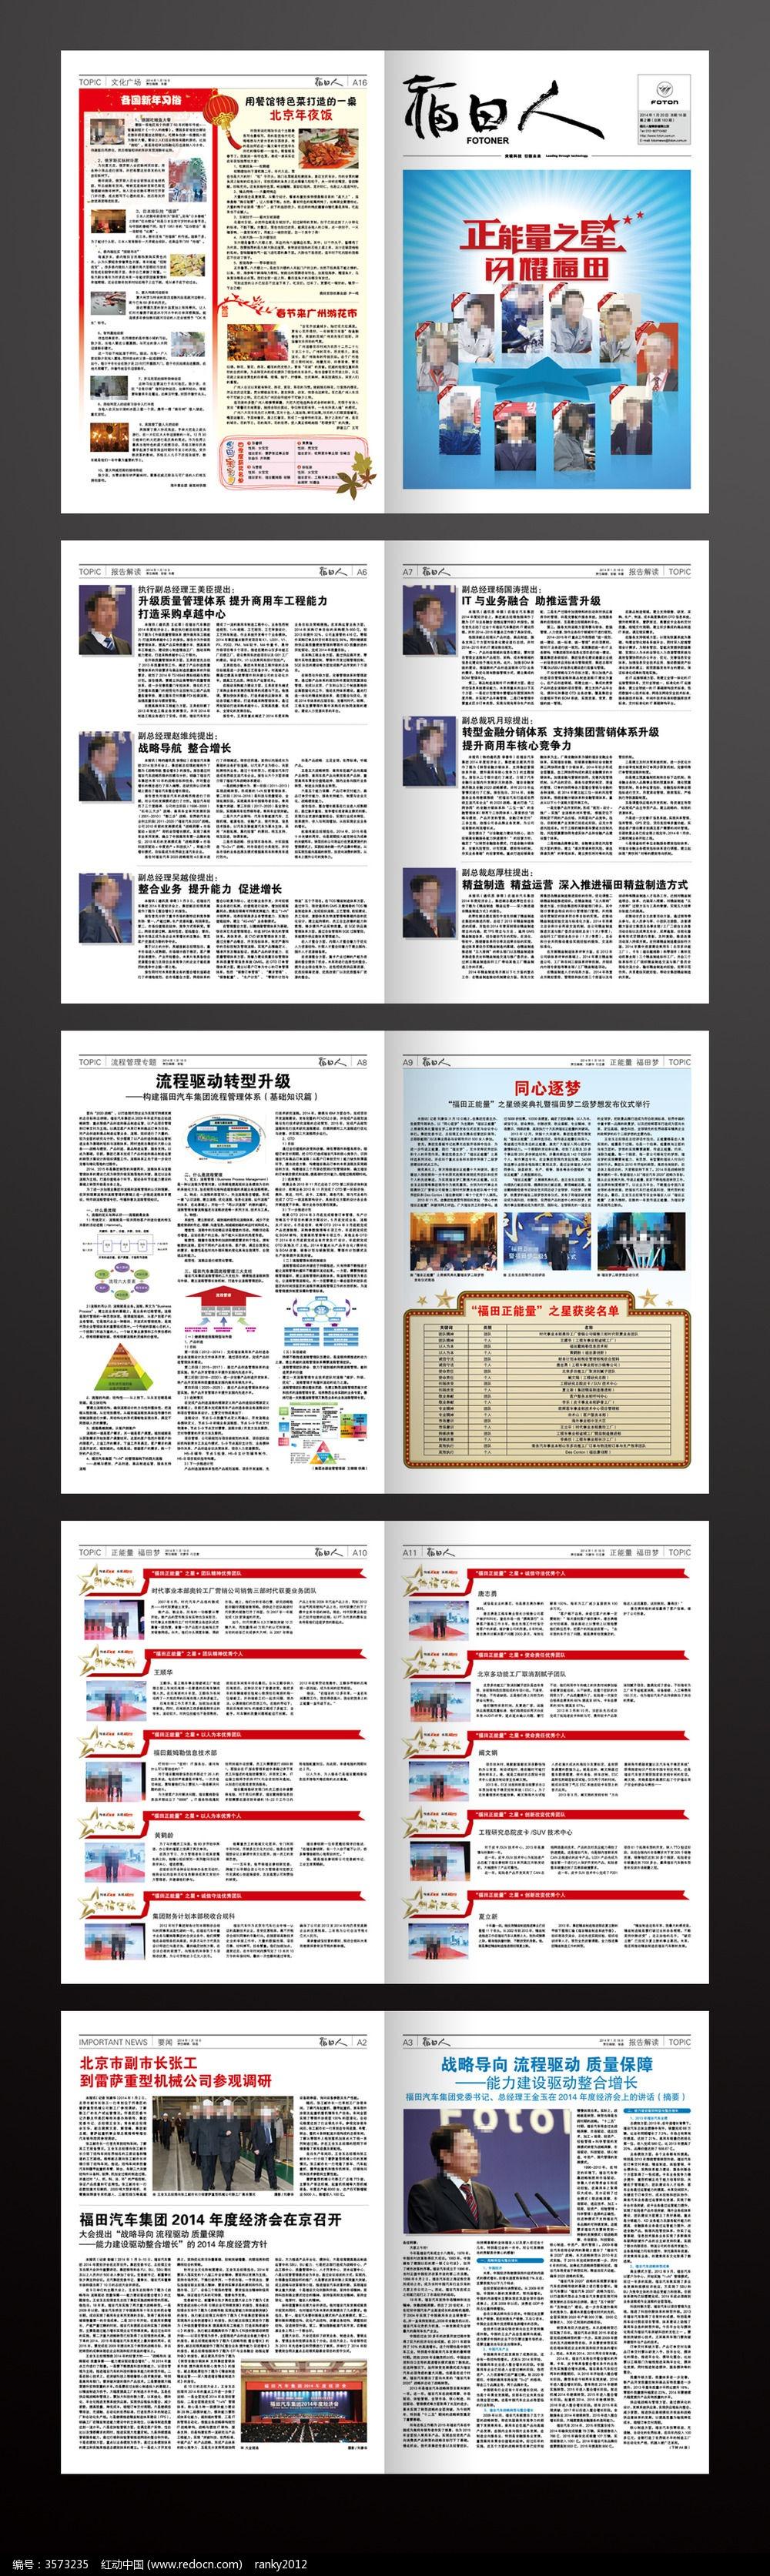 企业报纸版式下载indd格式图片